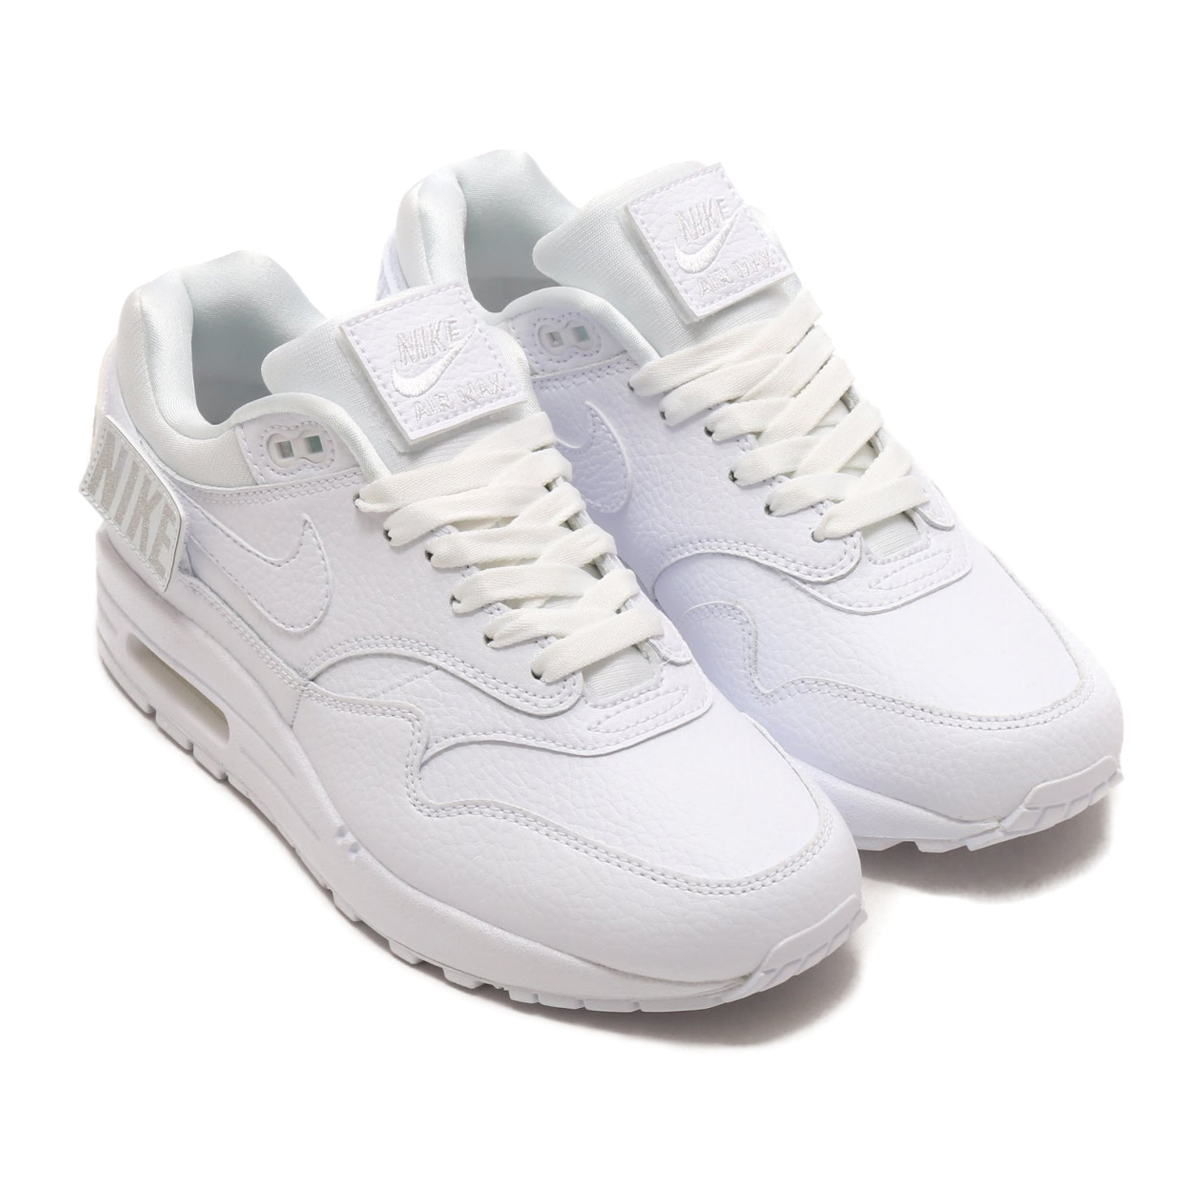 buy popular 162a8 3786d NIKE W AIR MAX 1-100 (Nike women Air Max 1 100) (WHITEWHITE-WHITE) 18SU-S